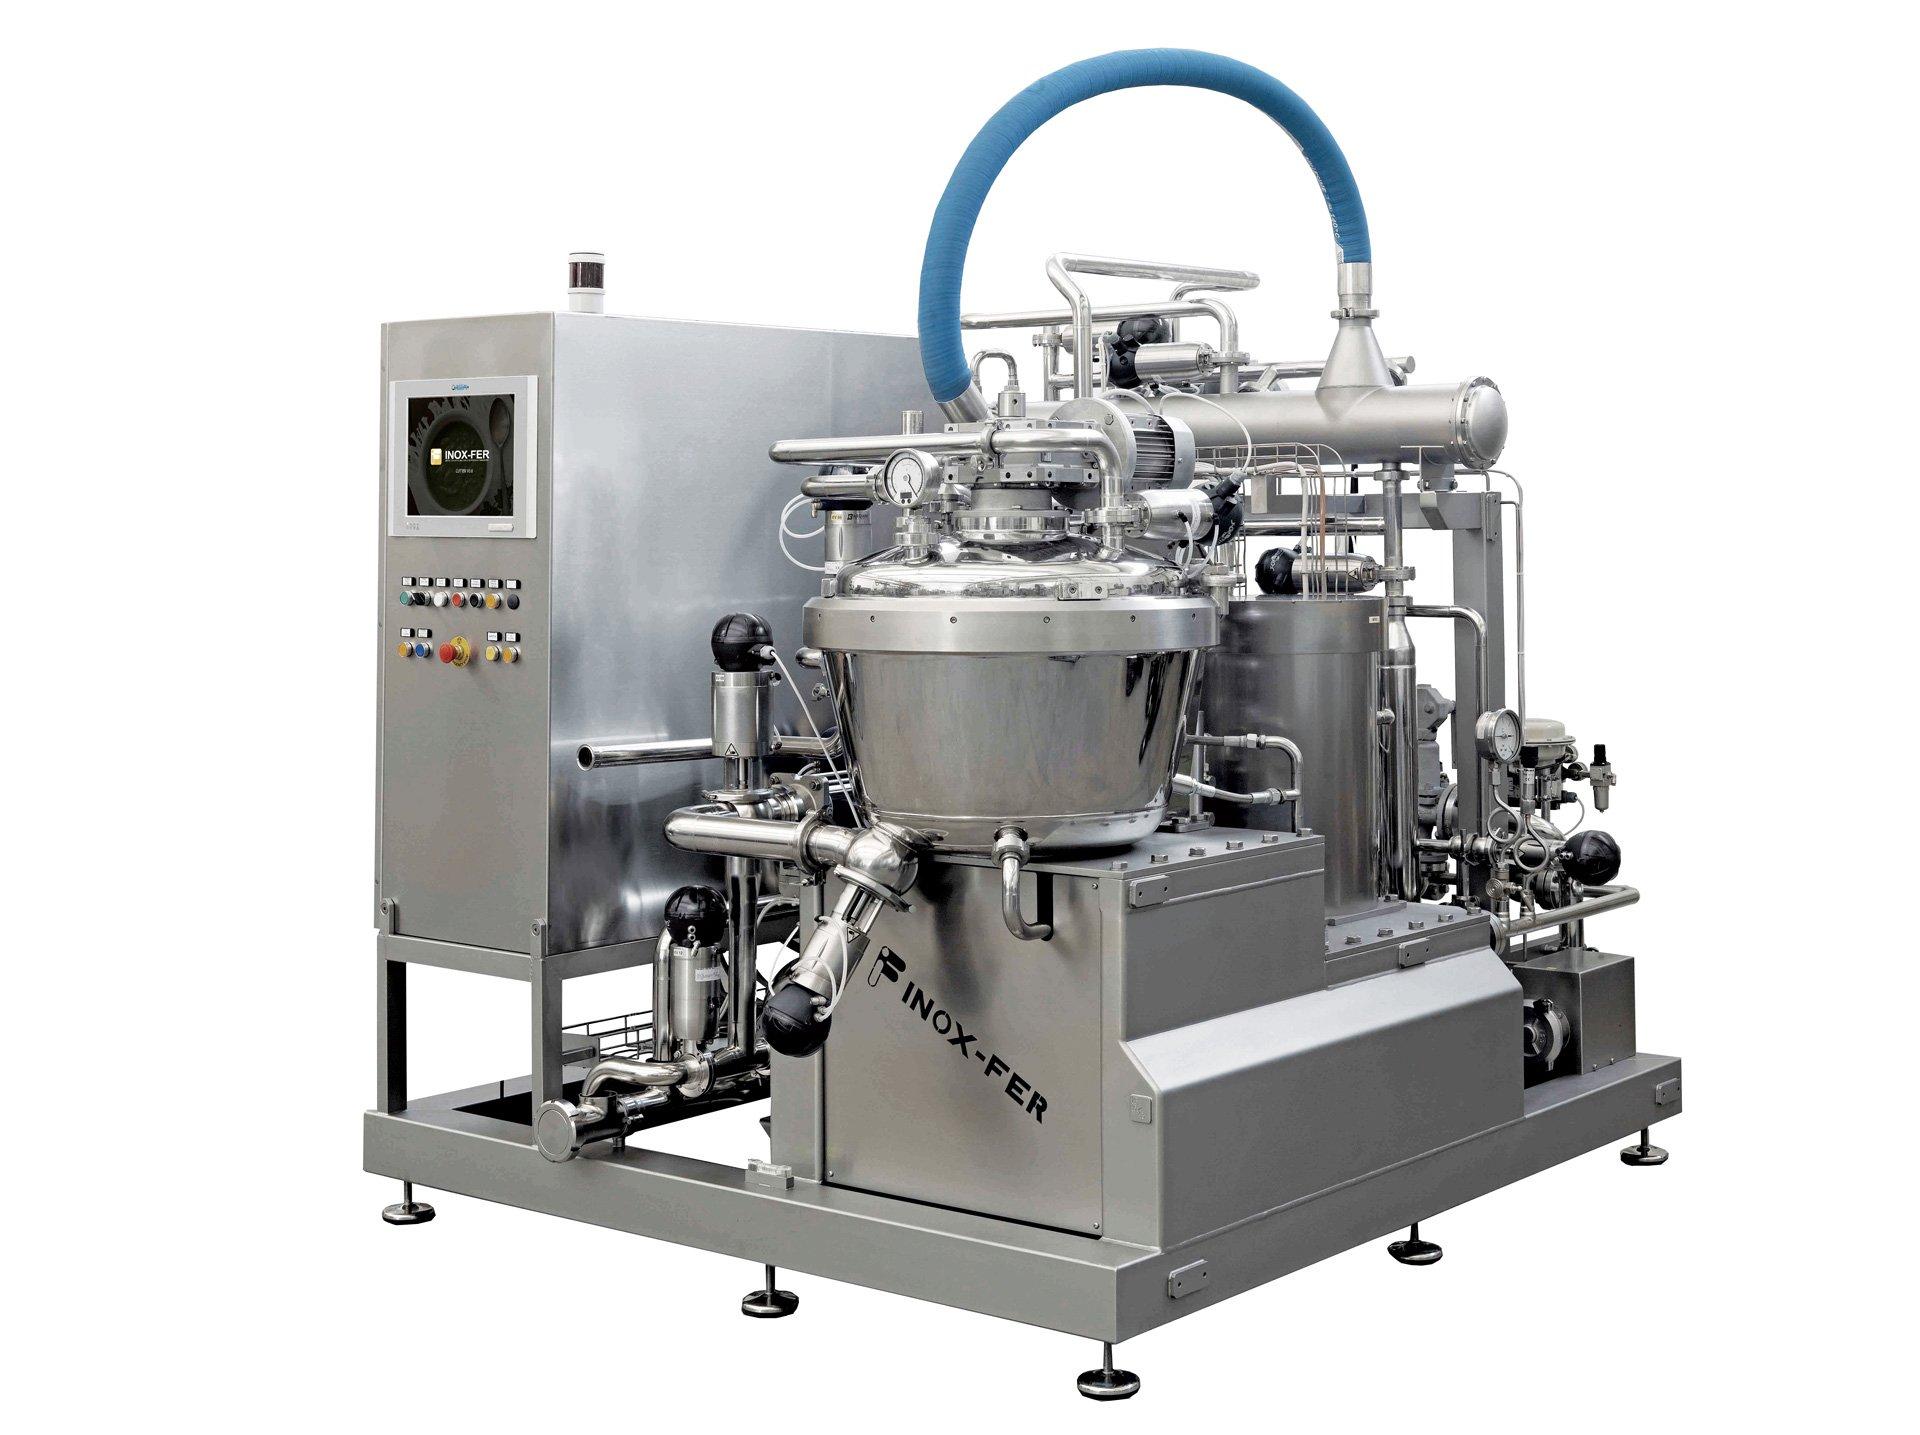 procut industrial cooking mixer